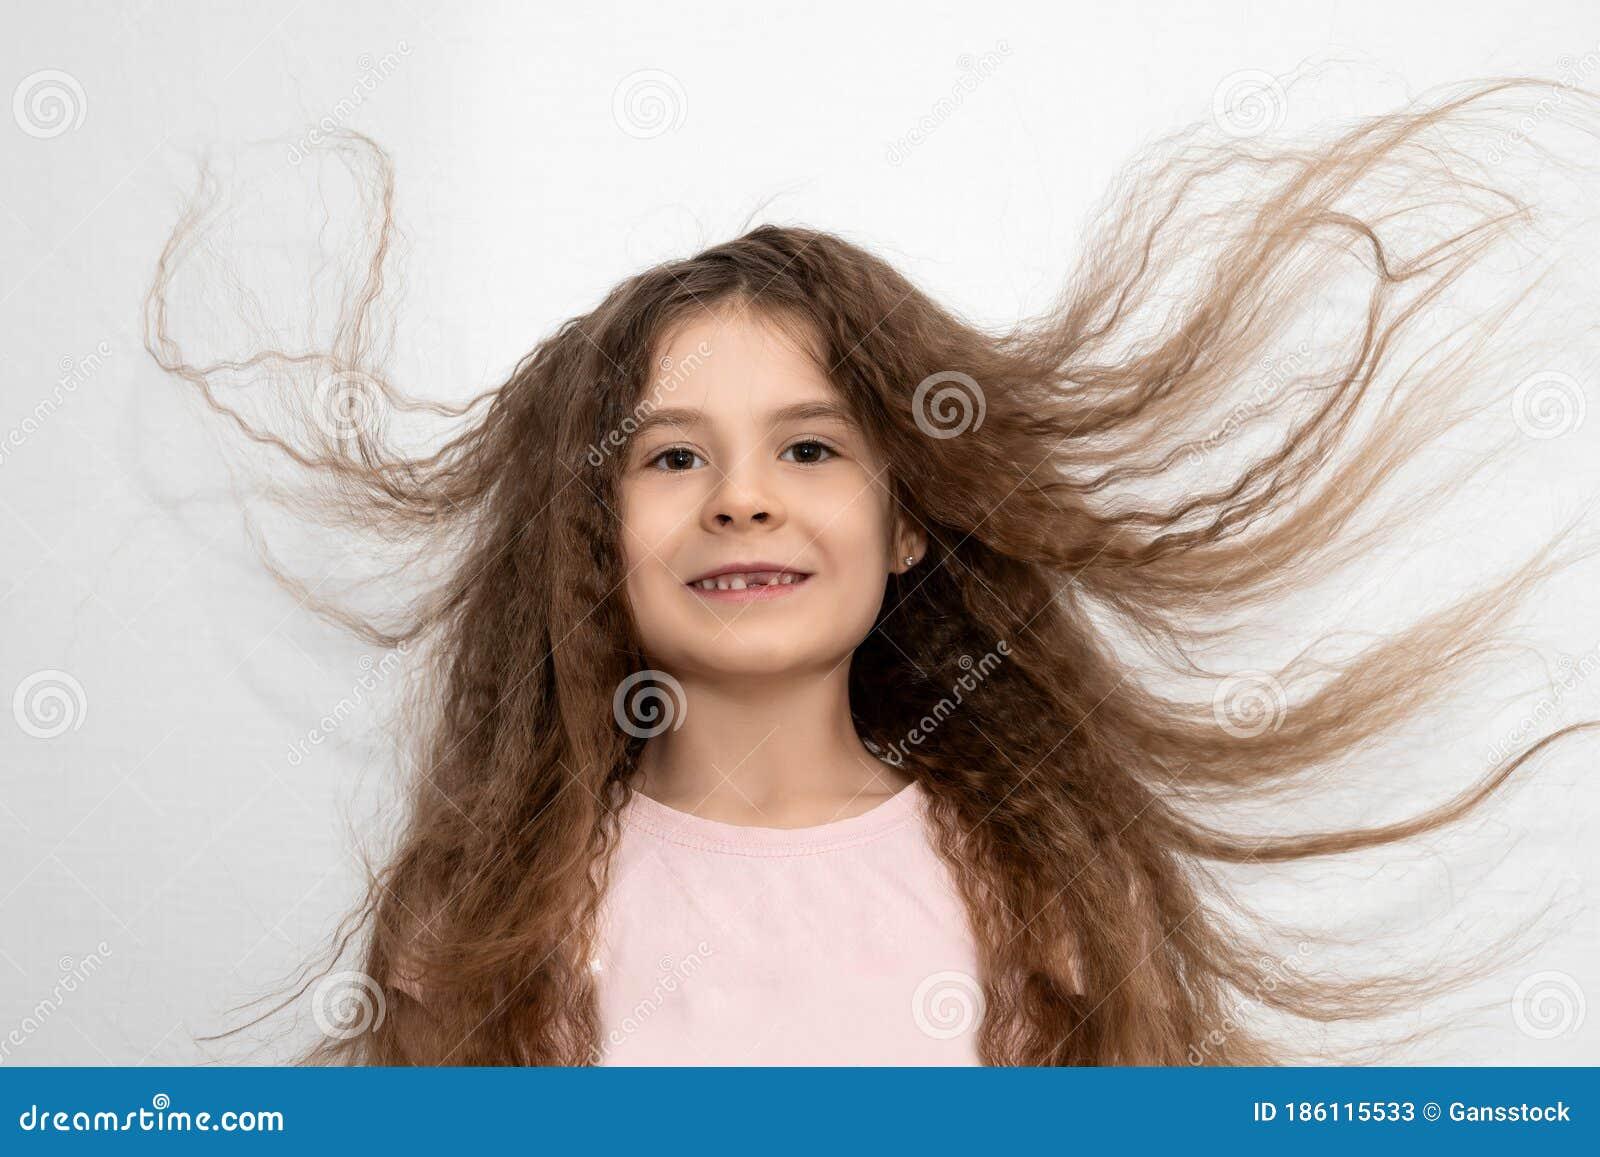 Haare augen mädchen braune braune Findet ihr